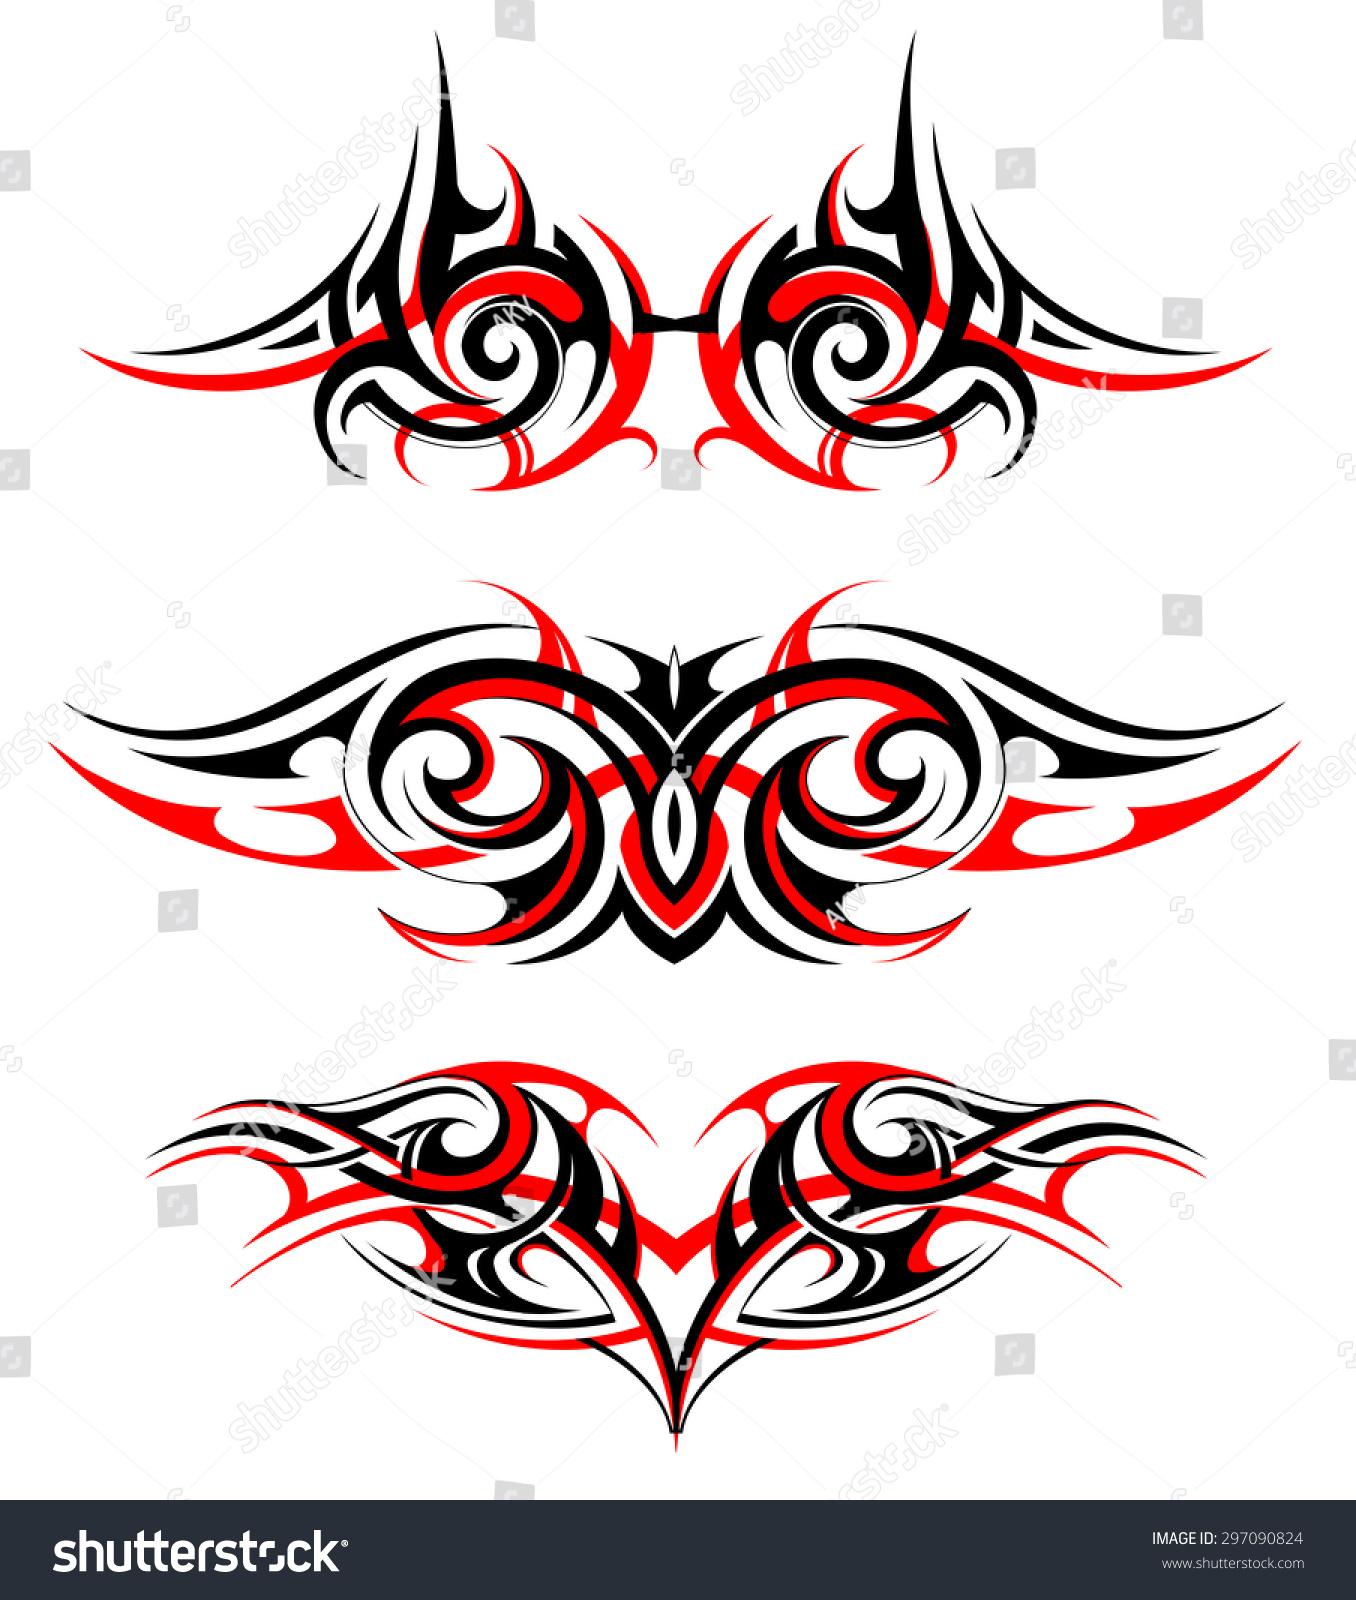 哥特式翅膀纹身套-抽象-海洛创意(hellorf)-中国独家